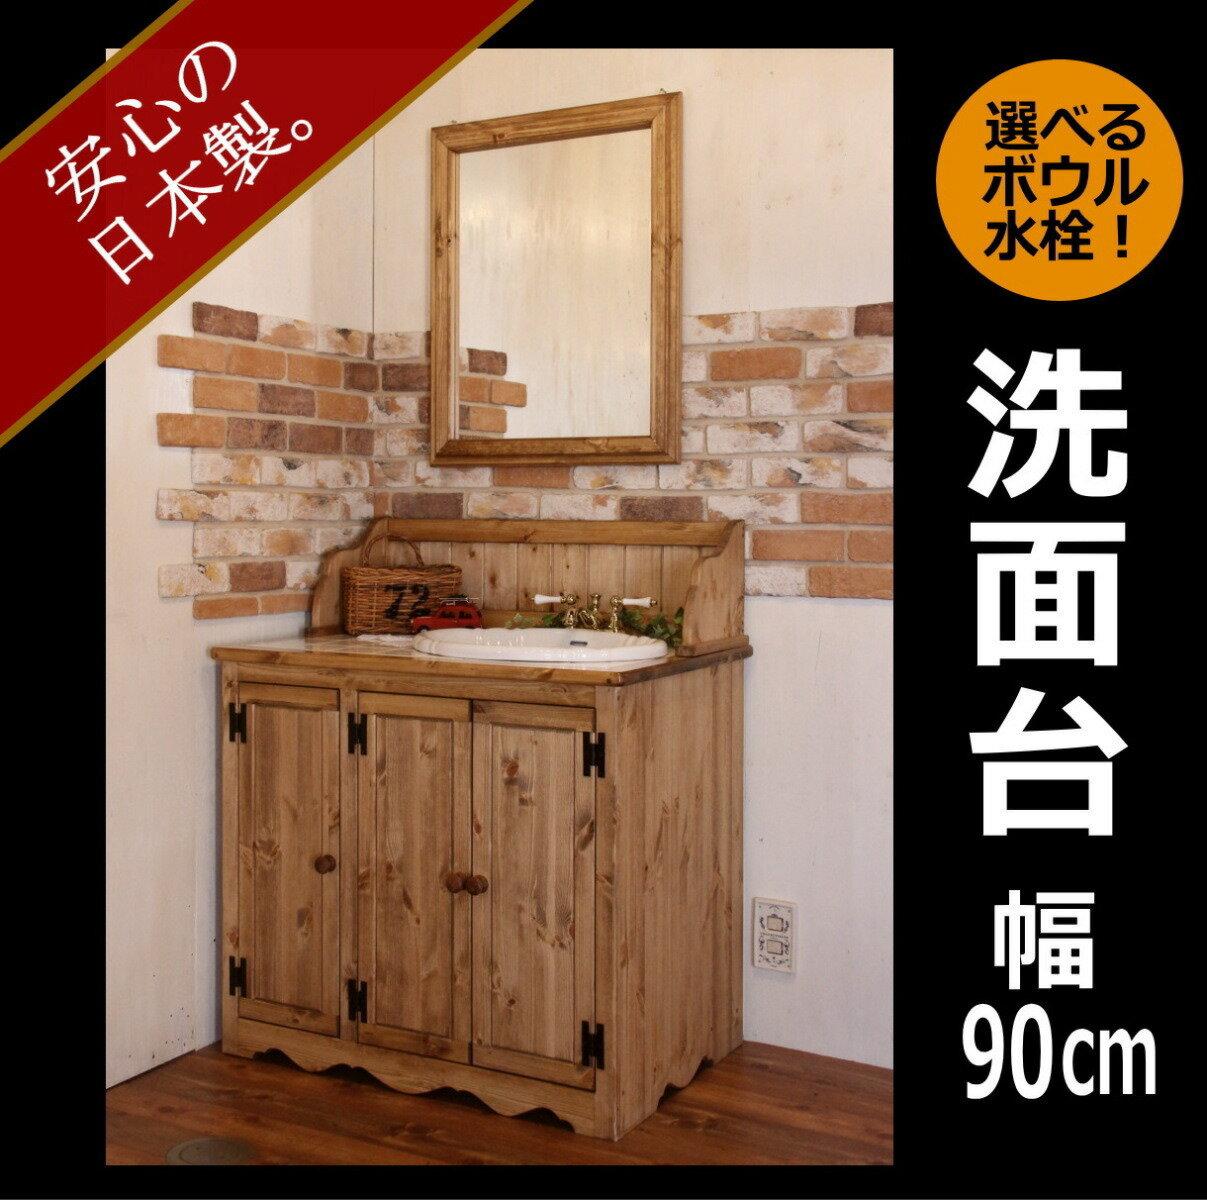 COUNTRY・MIRROR・ワイドウォッシュキャビネット・タイル(洗面台)